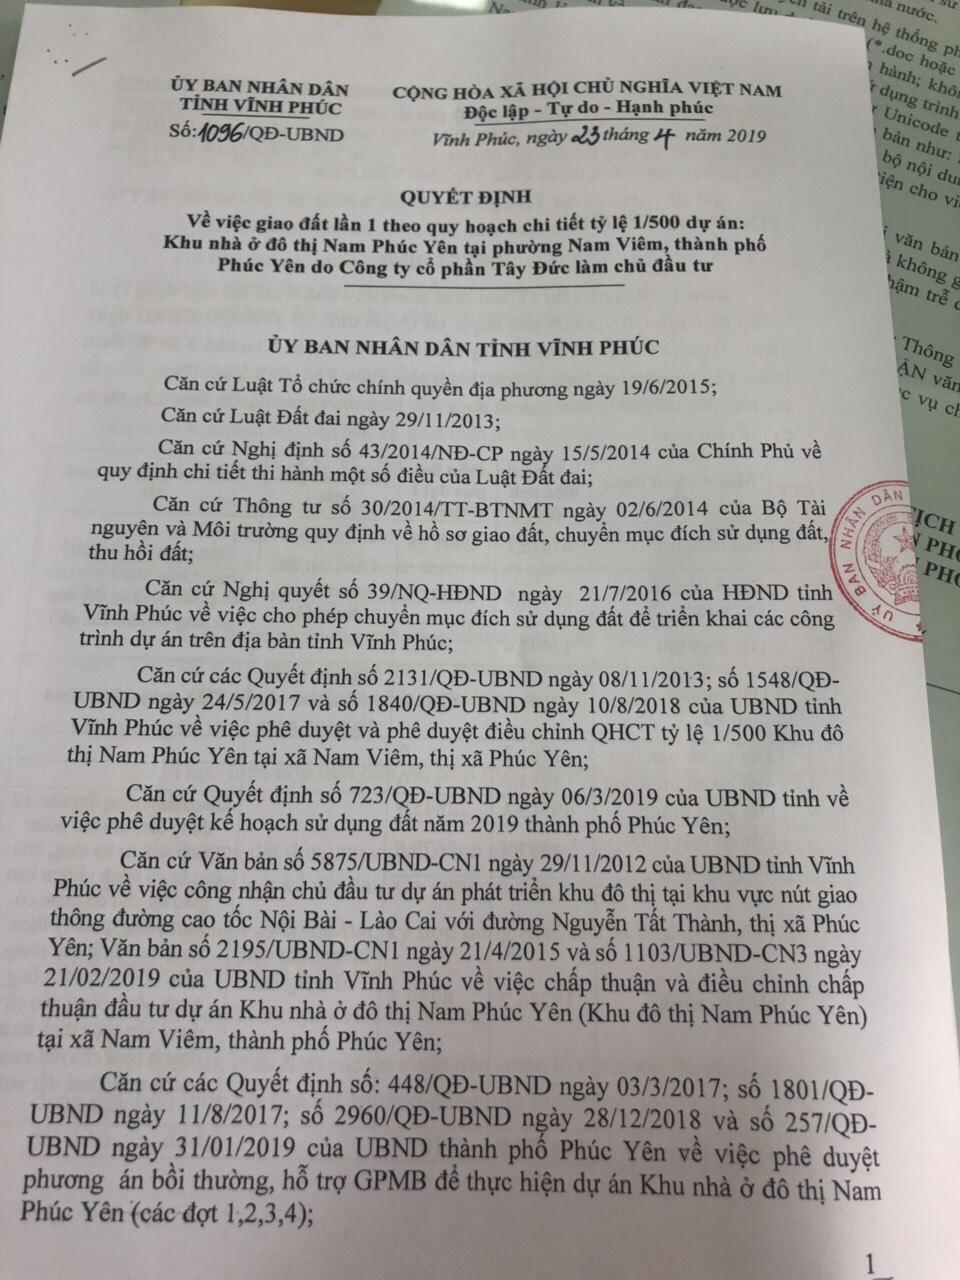 Dự án KĐT Nam Phúc Yên: Sai phạm vẫn tiếp diễn - Ảnh 1